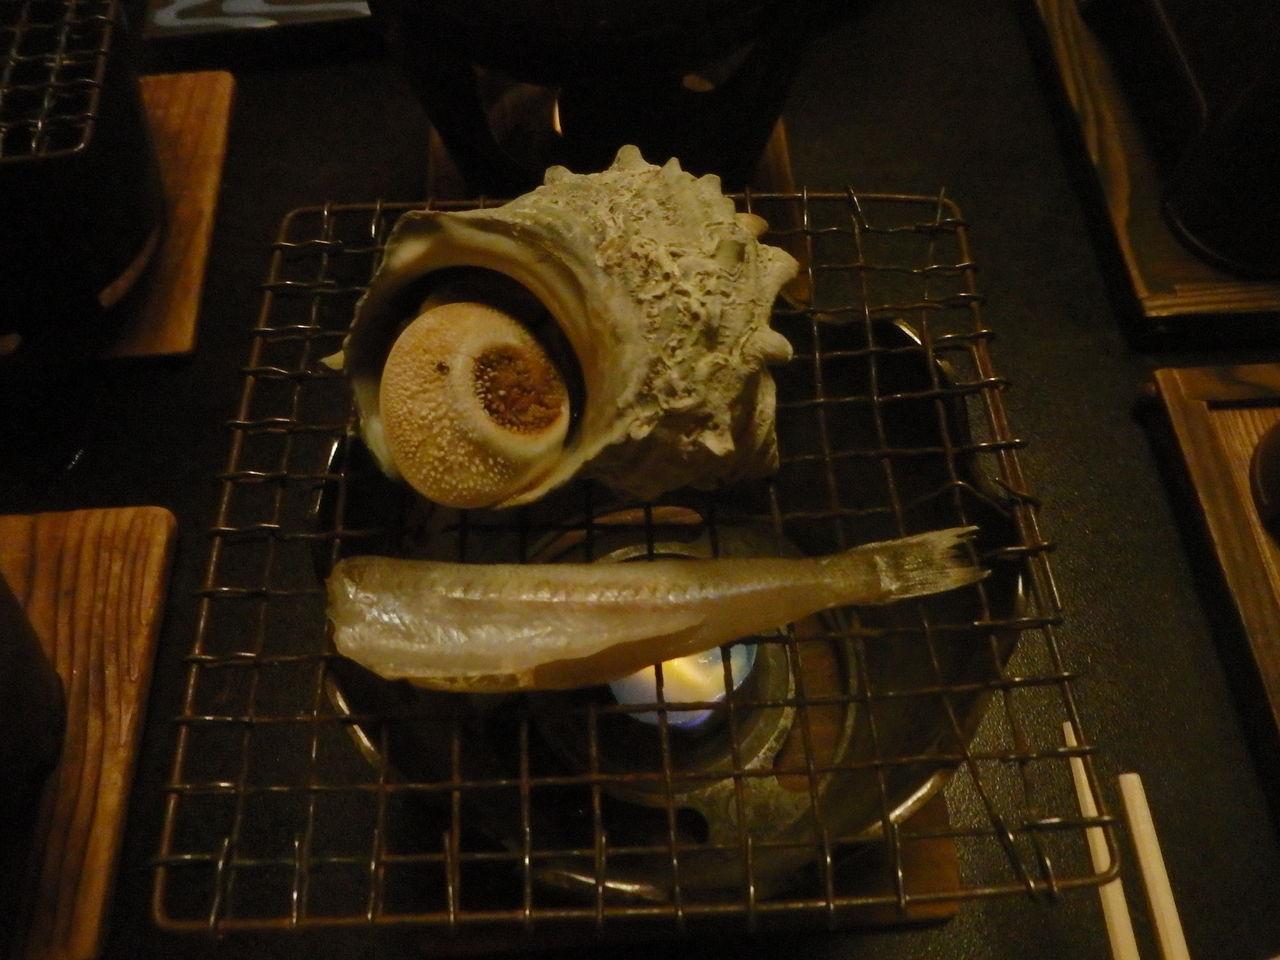 P3180224 サザエとシロギスの焼き物。アワビとシロギスのバター蒸し。アワビとかサザエ...